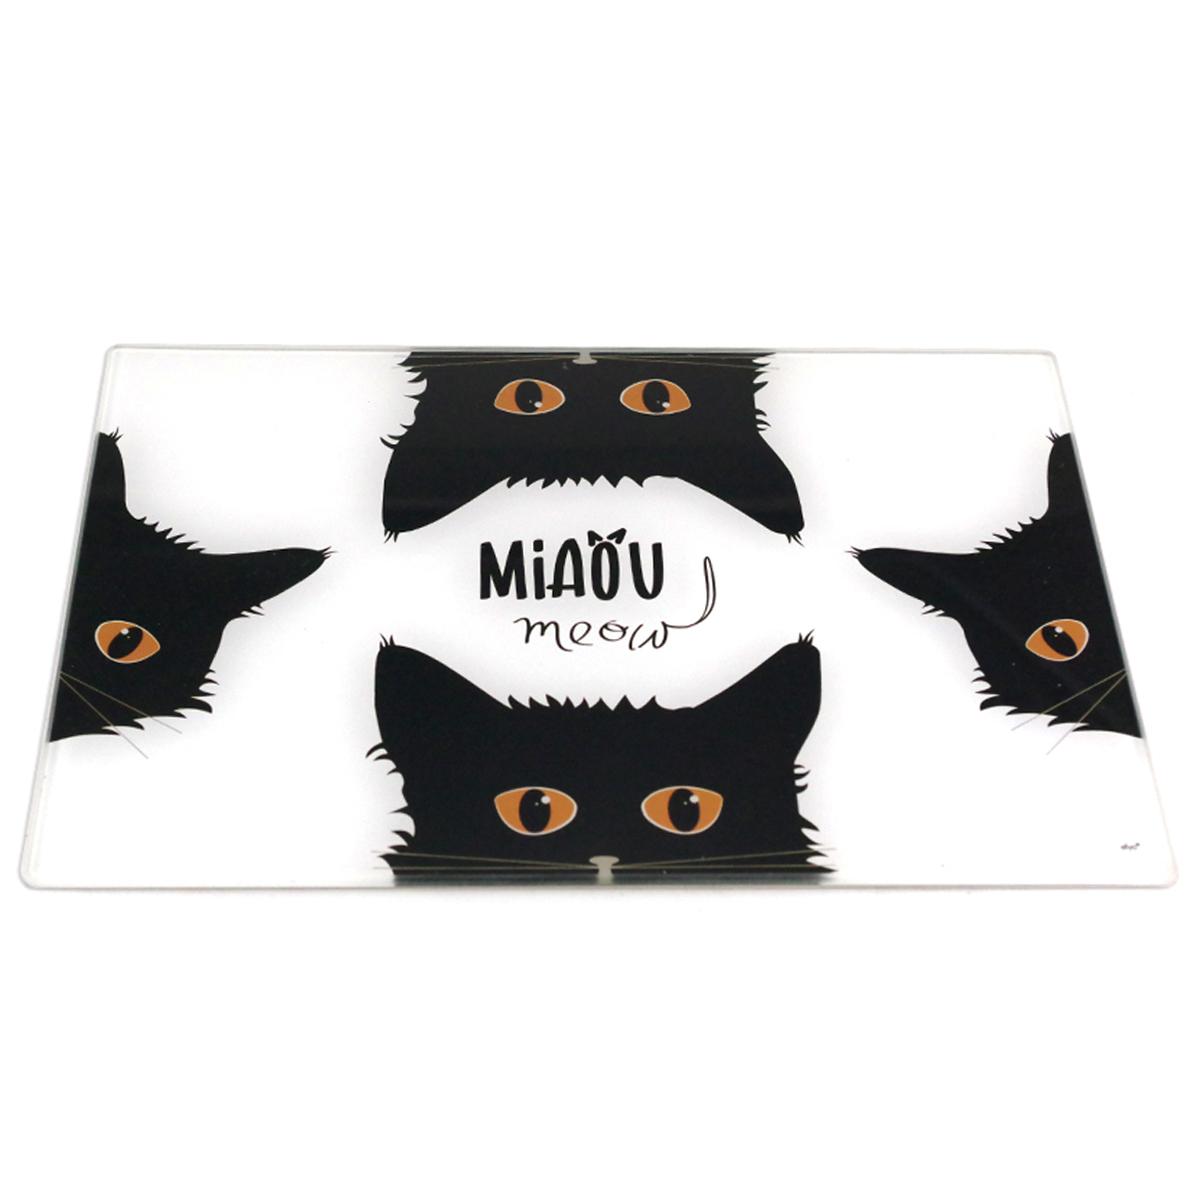 Planche à découpe / dessous de plat verre  \'Chats\' noir blanc (Miaou) - 30x20 cm - [A1101]